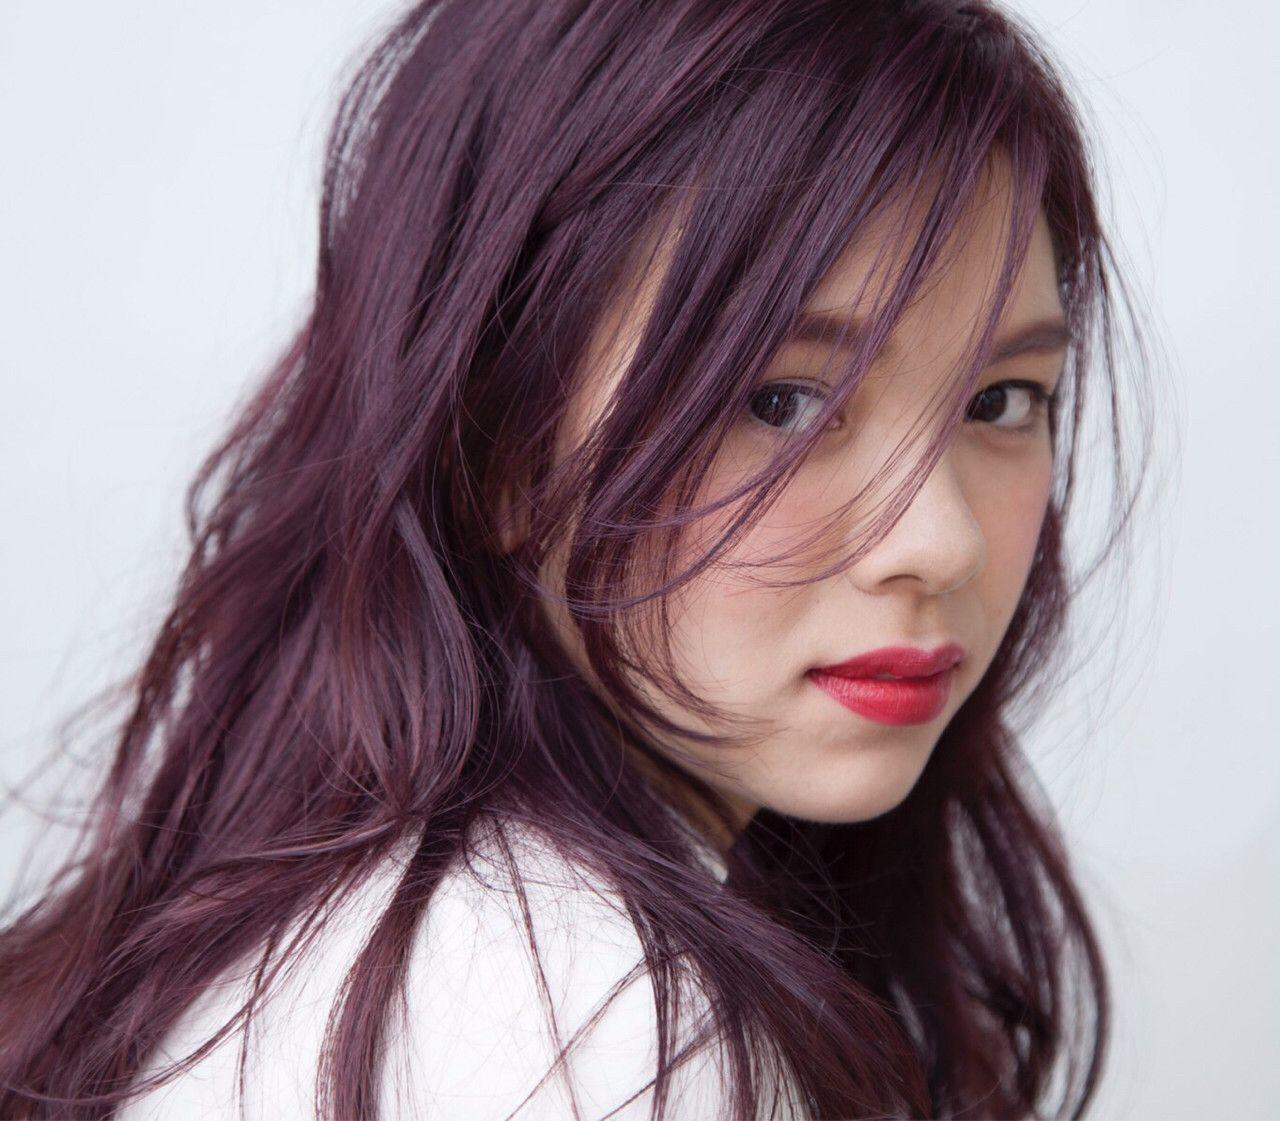 ヘアカラー ベリーブラウン の画像検索結果 パープルヘアー 紫